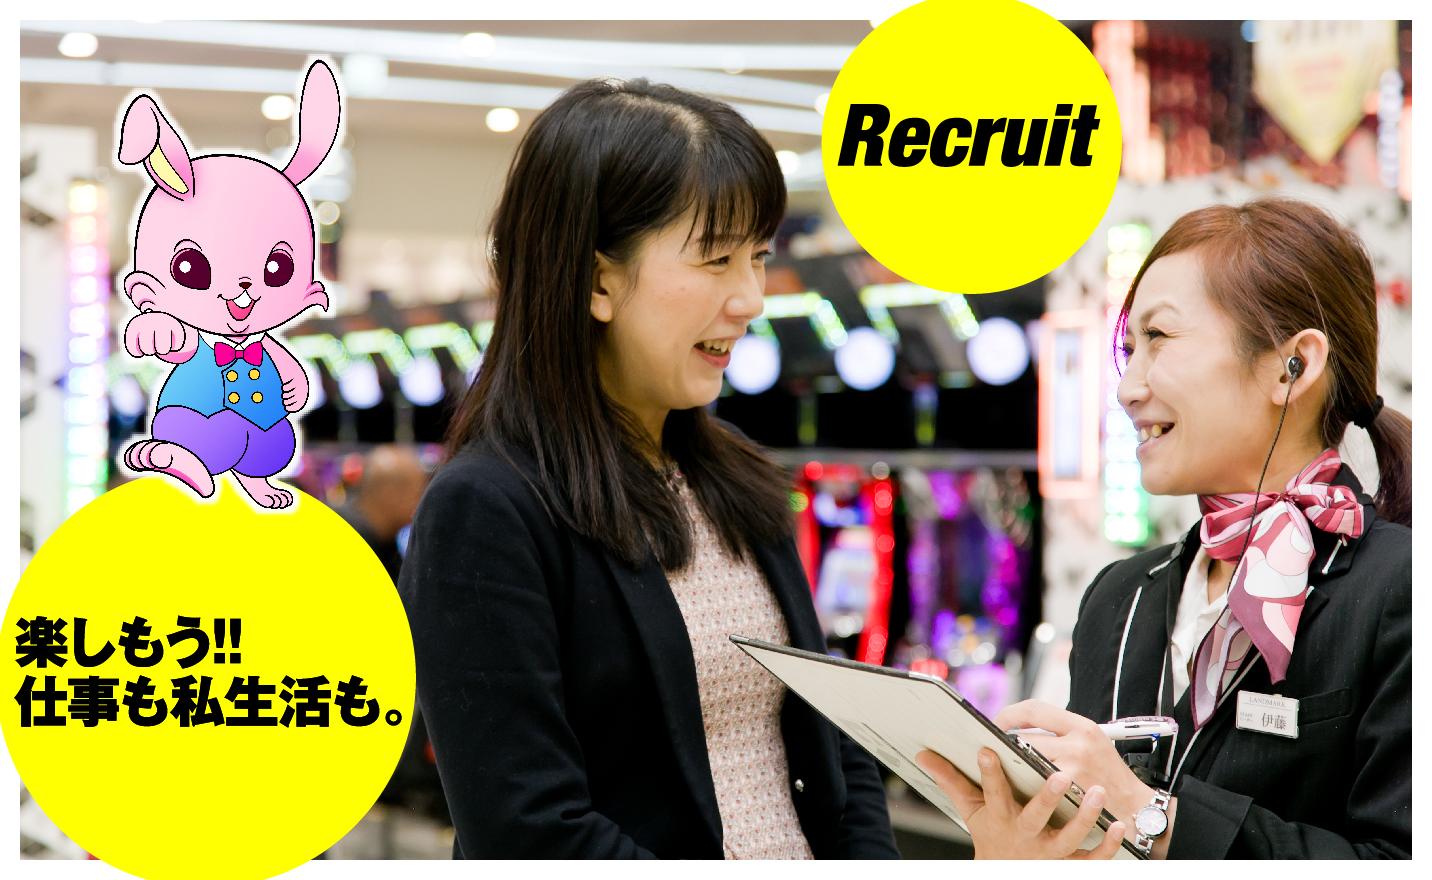 Recruit 楽しもう!!仕事も私生活も。